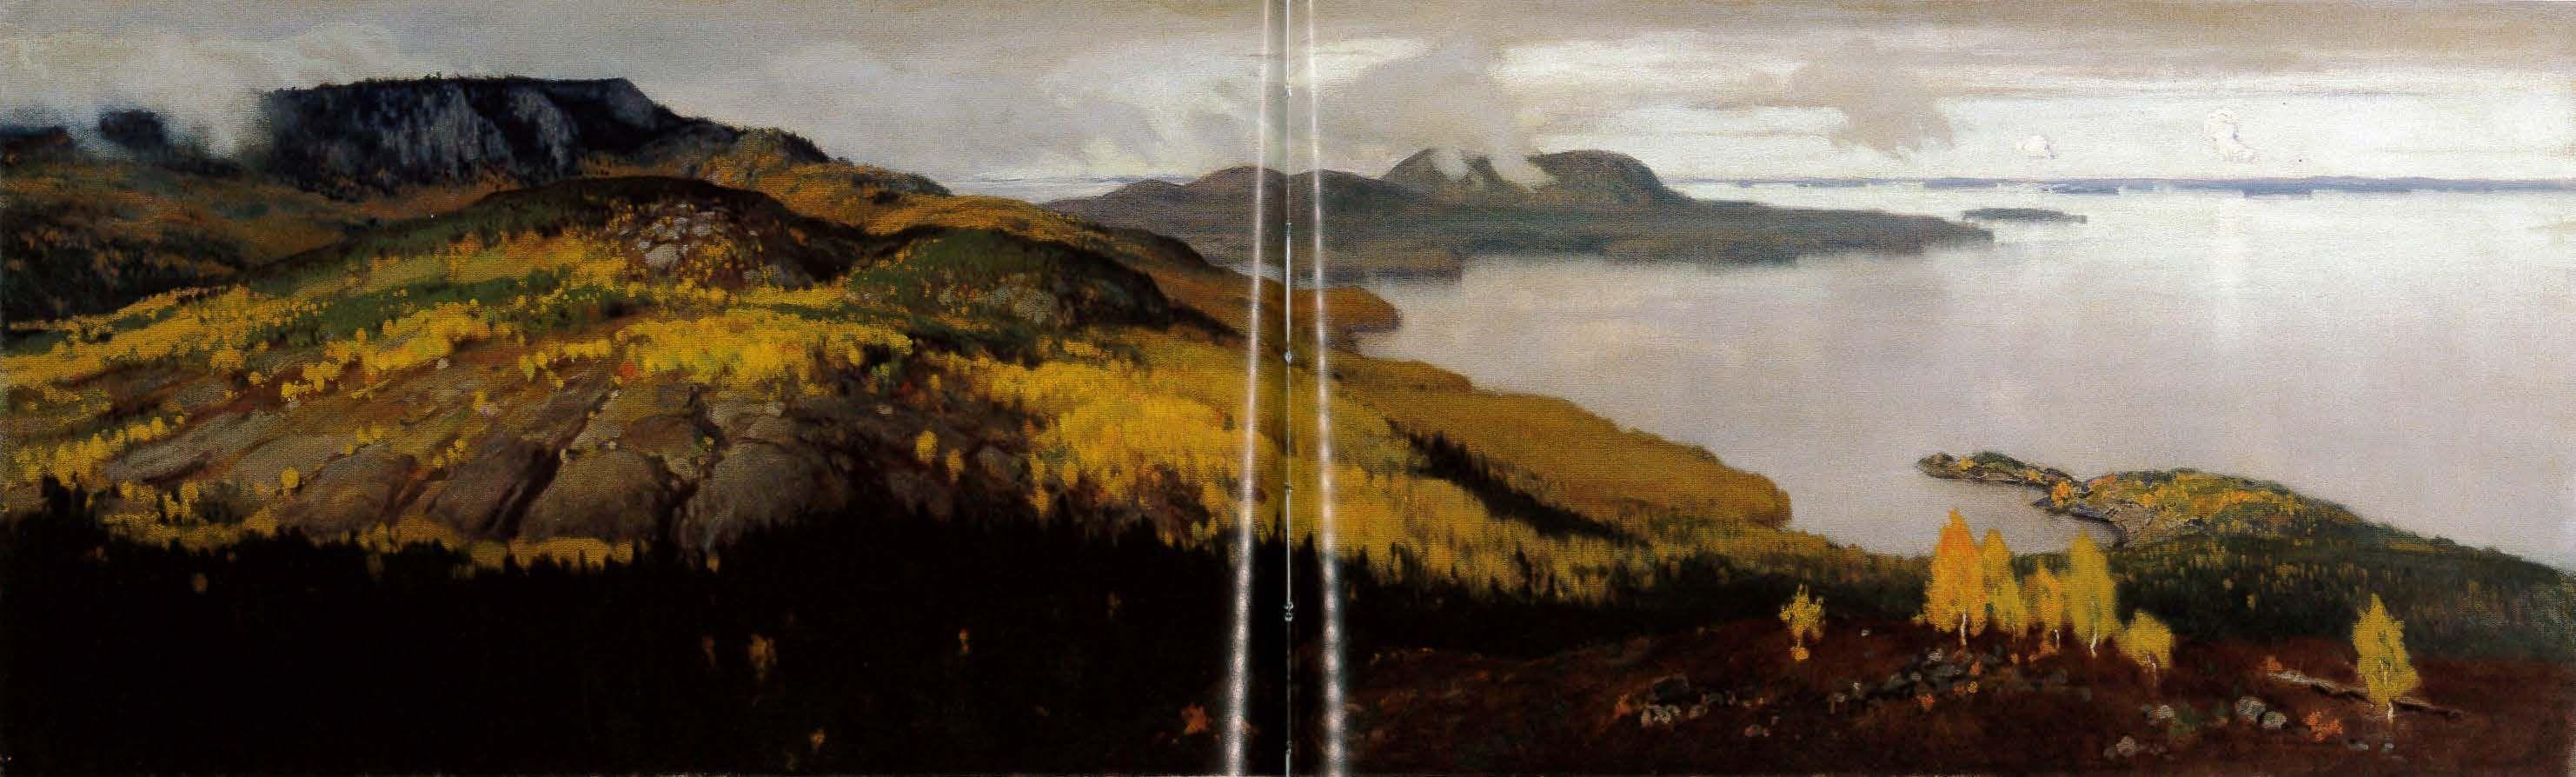 """""""Autumn Landscape from Lake Pielisjarvi"""" 1899, Eero Järnefelt -Ateneum-Eero Järnefeltin Koli-aiheisia maisemamaalauks.on suomal.taidehist.kirjoituksessa pidetty isänmaallisina,kansall.ja poliittisina kuvina.Kaikista Järnefeltin Kolilla maalaam.maisemakuv.tunnetuin on Syysmaisema Pielisjärveltä.Sen Järnefelt maalasi helmikuun manifestin vuonna 1899.Järnefelt kuvaa Koli-vaaran asumatonta puolta,syksyn värit hehkuvat.Pielisjärven vastaranta siintää kaukaisuudessa,järven peilatessa harmaana…"""